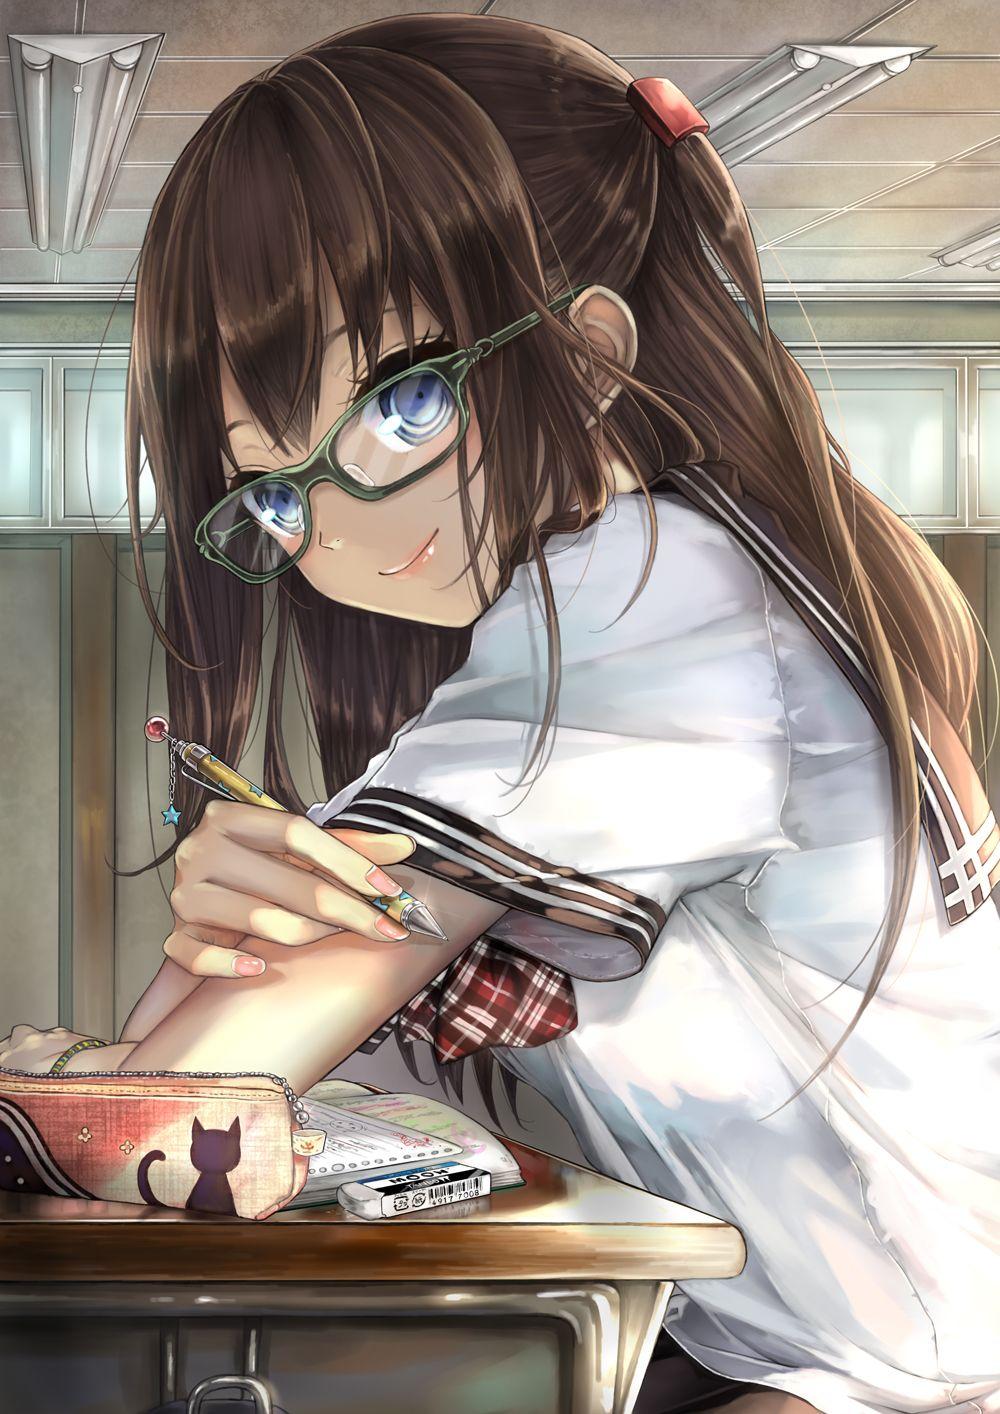 Artwork By Pisuke Http Www Pixiv Net Member Illust Php Mode Medium Illust Id 37486037 Anime School Girl Anime Anime Lovers